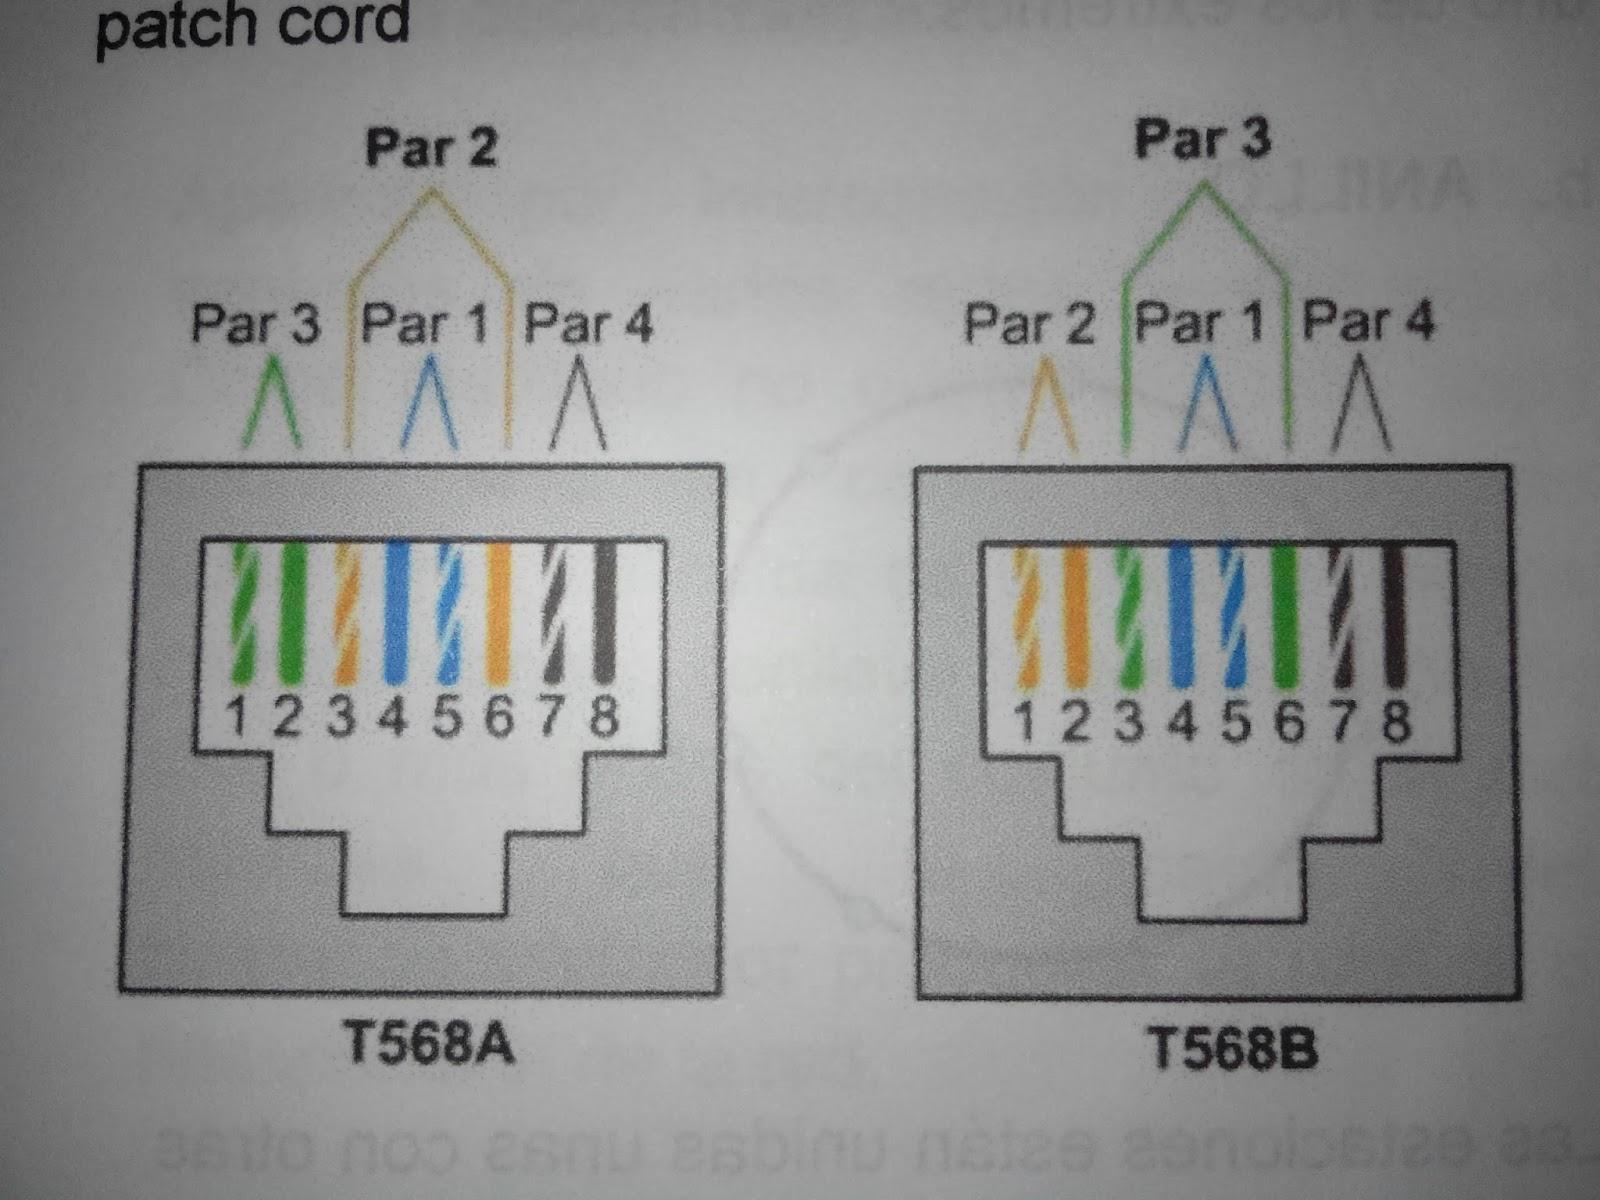 hight resolution of 3 despu s insertar de forma correcta los 8 cables en el terminal rj45 se procede a ponchar el cable de red